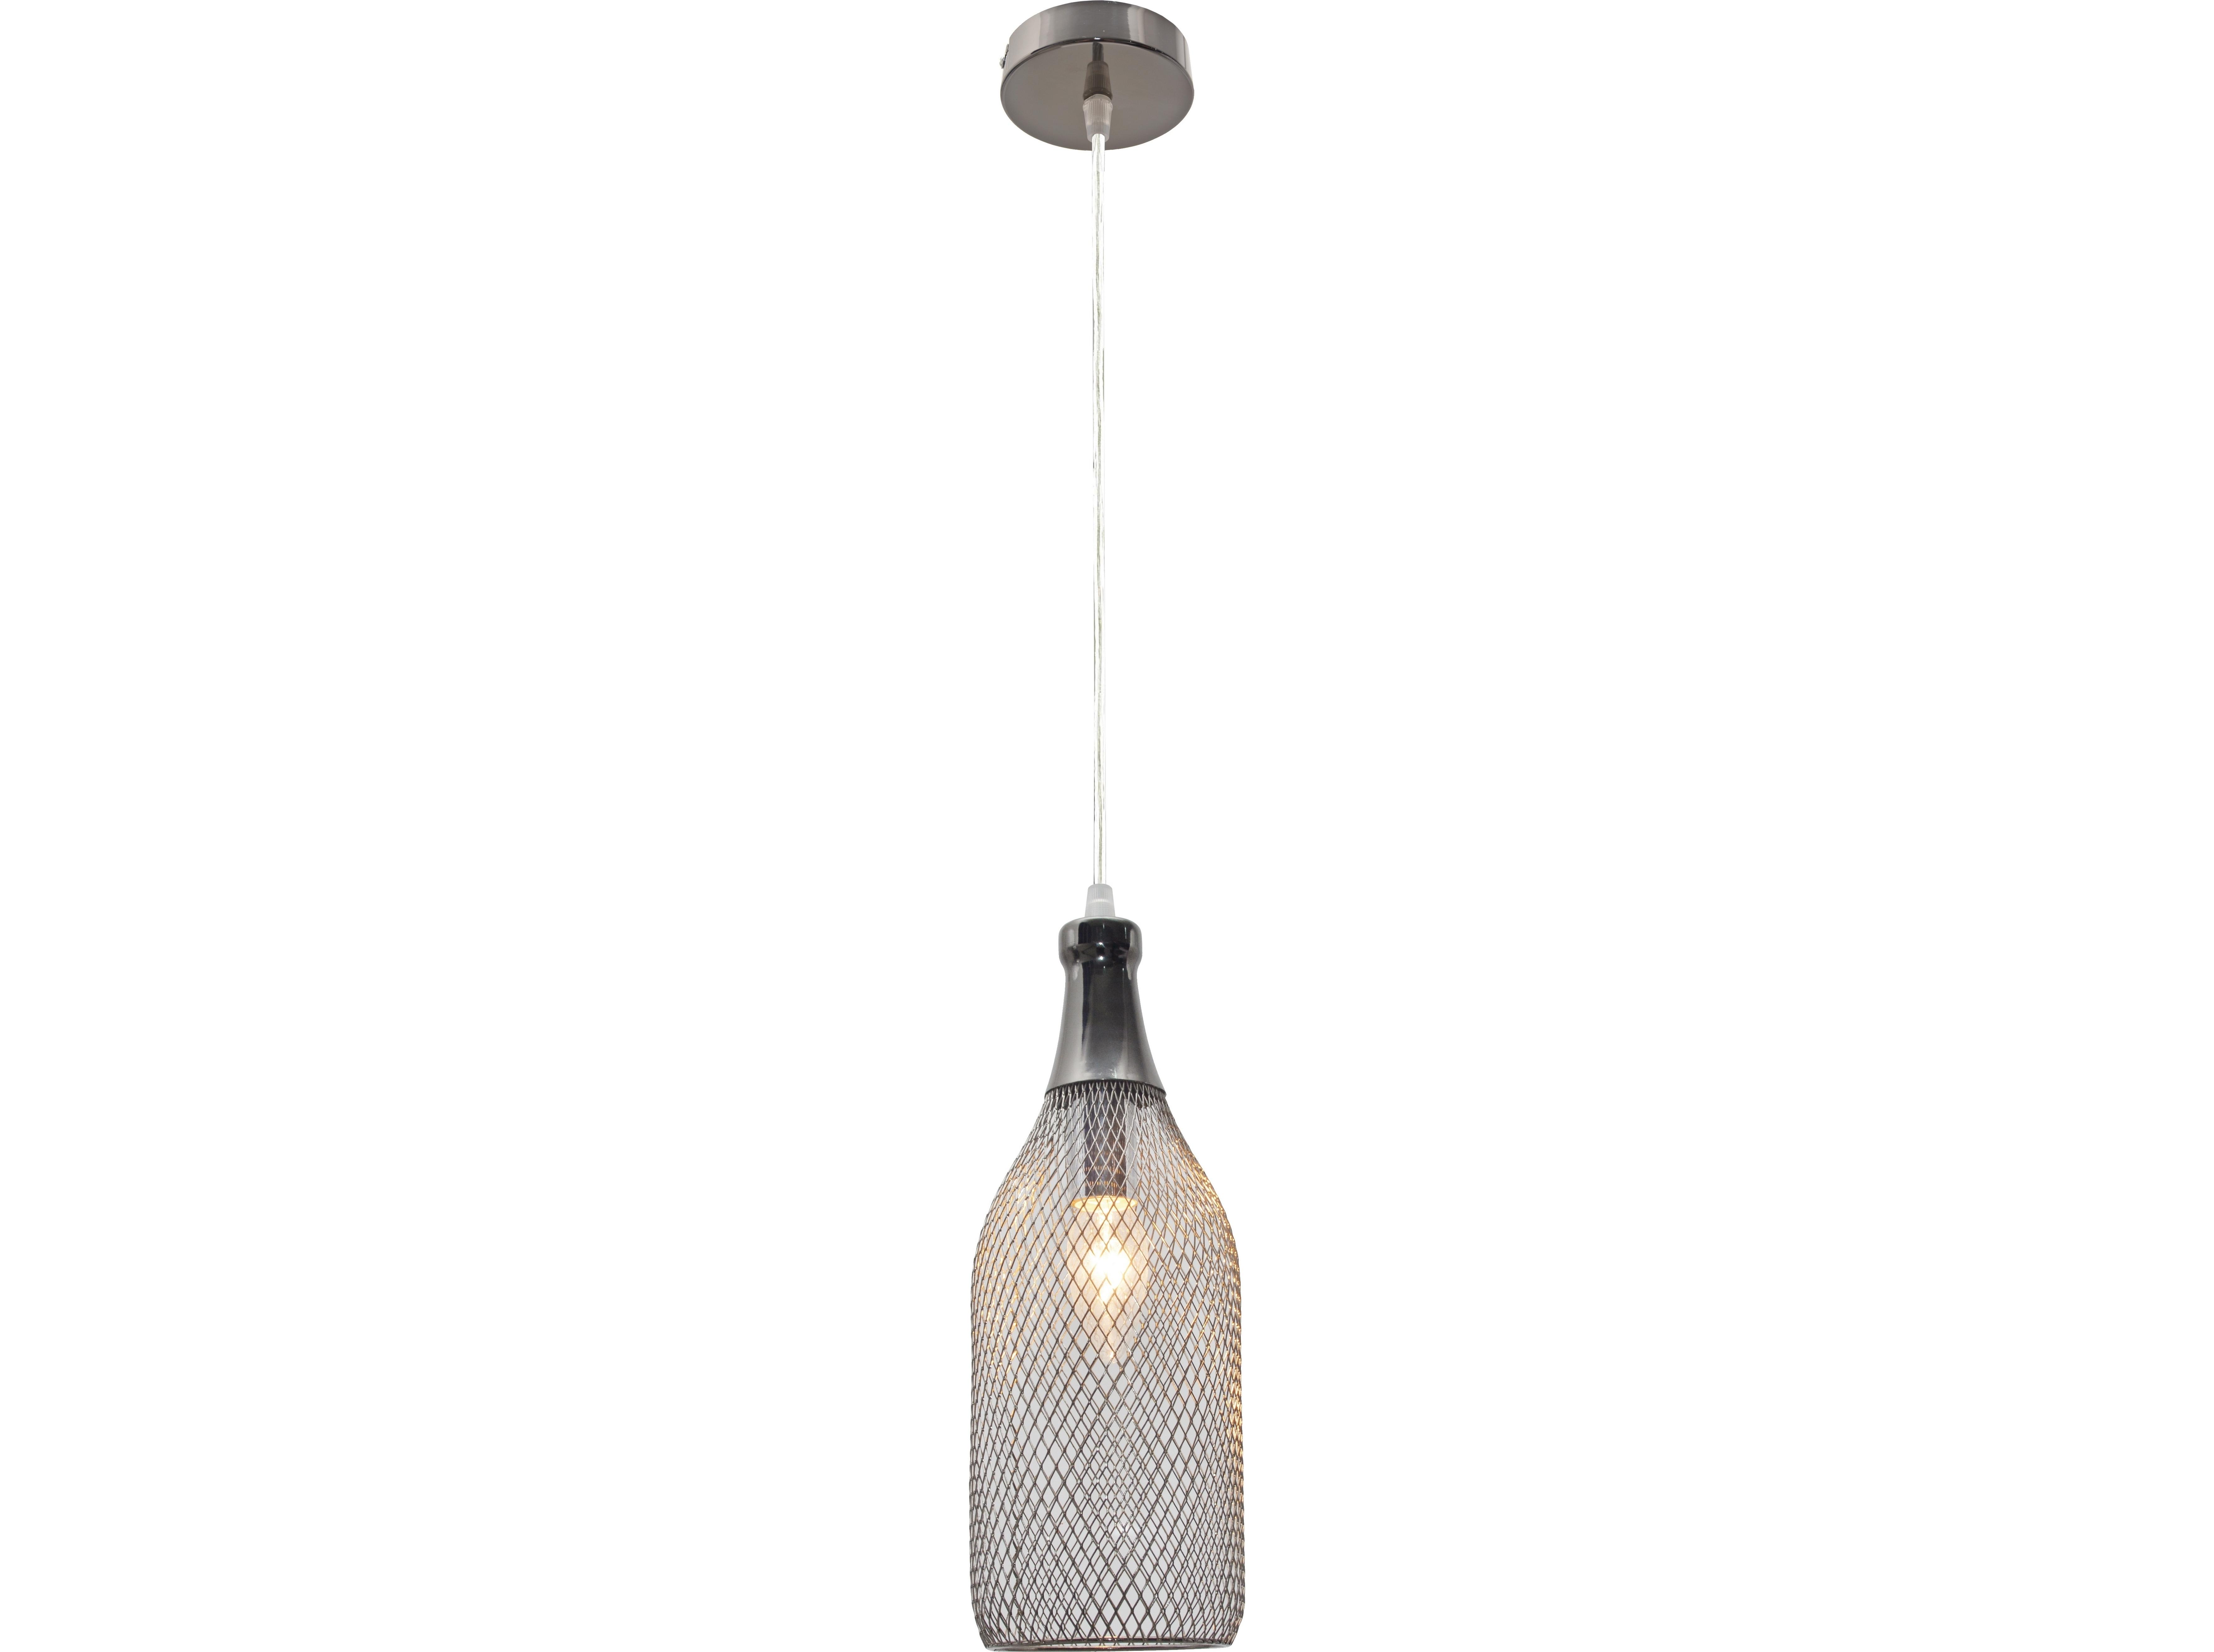 Подвесной светильникПодвесные светильники<br>&amp;lt;div&amp;gt;Цоколь: E14&amp;lt;/div&amp;gt;&amp;lt;div&amp;gt;Мощность ламп: 40W&amp;lt;/div&amp;gt;&amp;lt;div&amp;gt;Количество лампочек: 1&amp;lt;/div&amp;gt;<br><br>Material: Металл<br>Высота см: 120